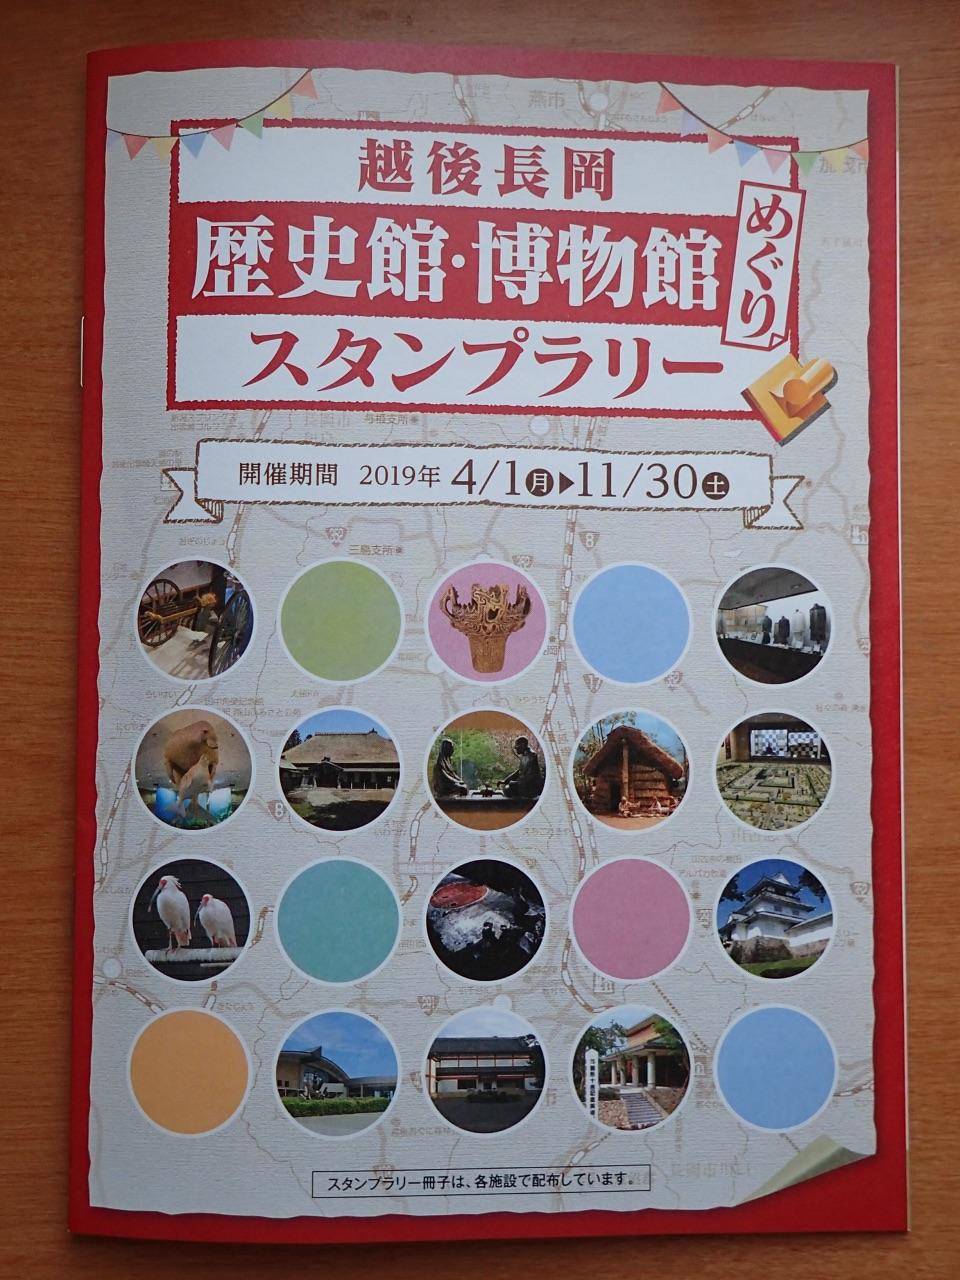 越後長岡 歴史館・博物館めぐりスタンプラリー